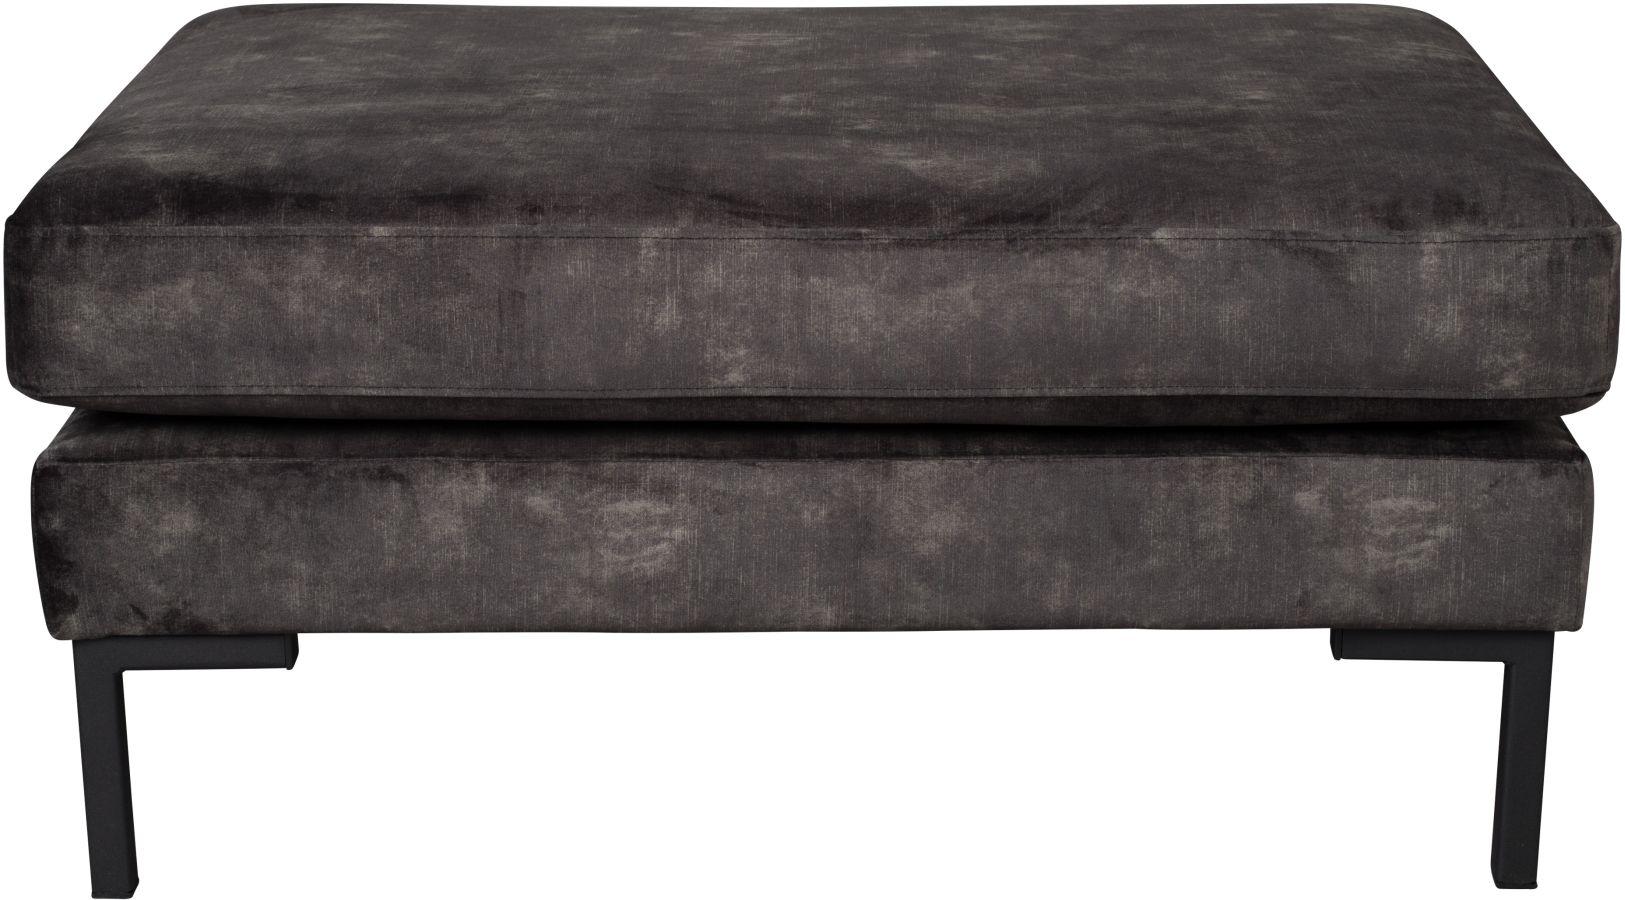 Ducthbone Houda Hocker - Fluweel Antraciet - Zwart Metalen Poten